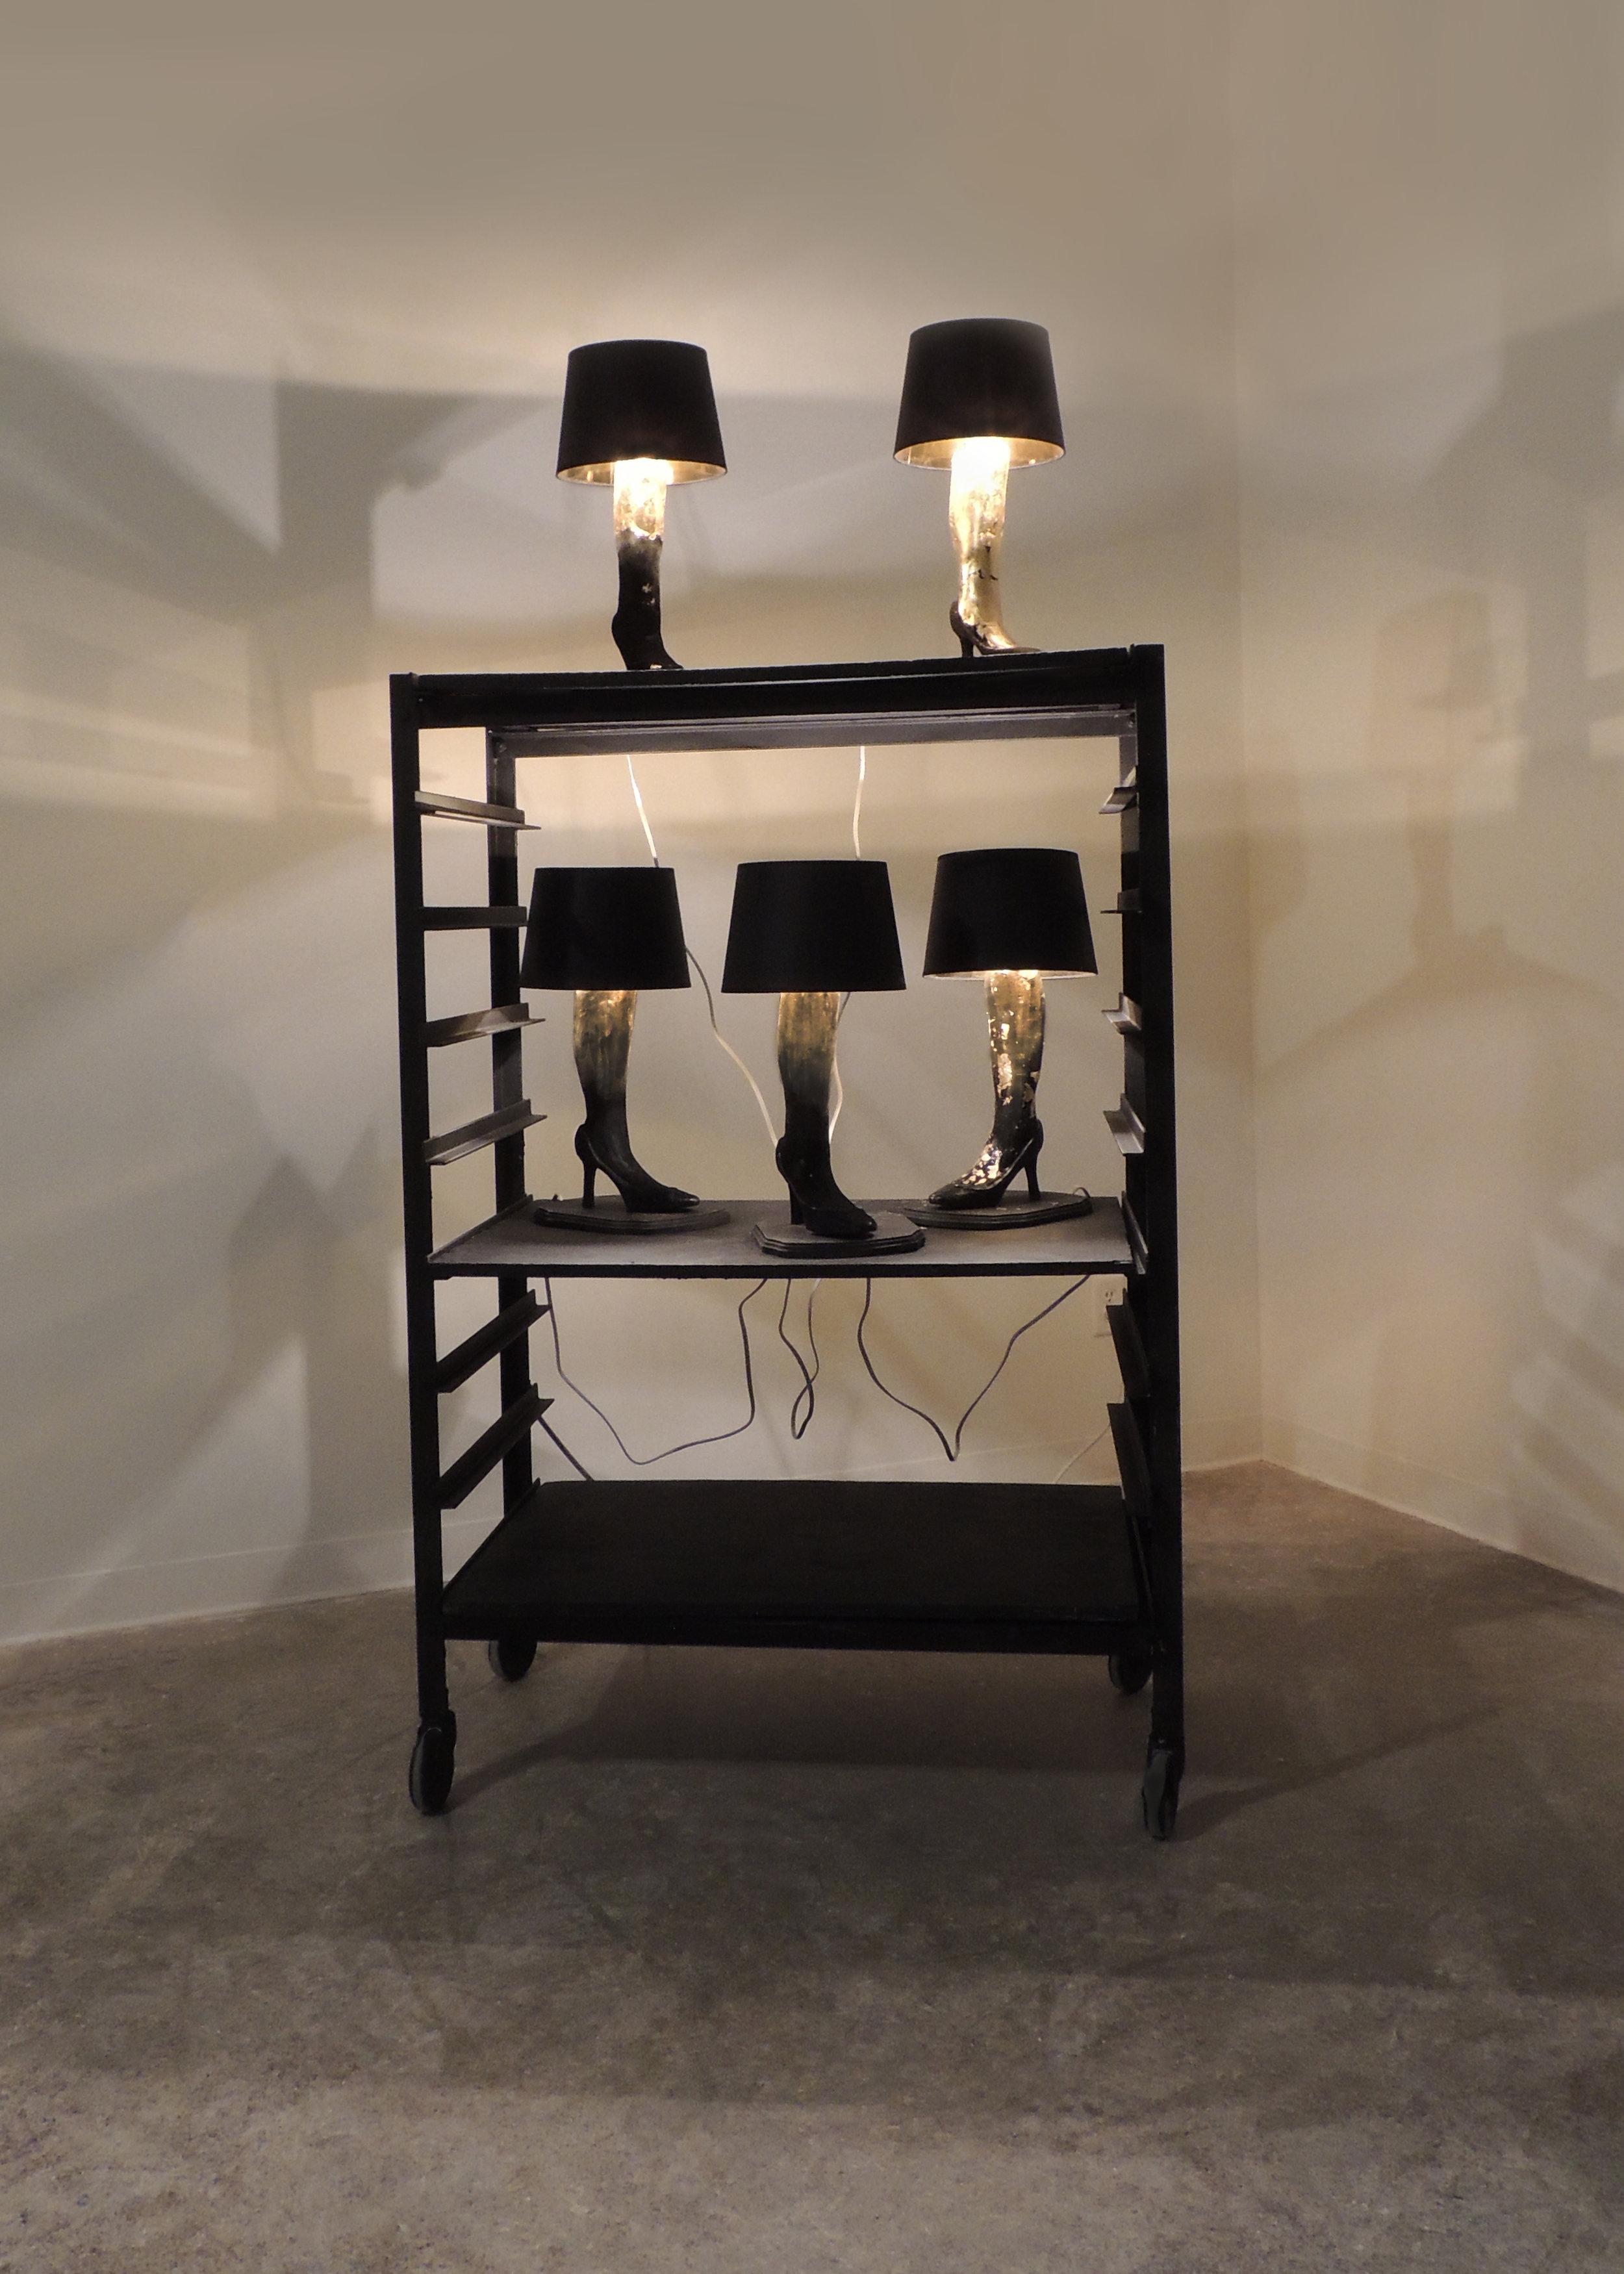 A Major Award  2016  Porcelain, Wood, Flocking, Gold Leaf, Lamp Components